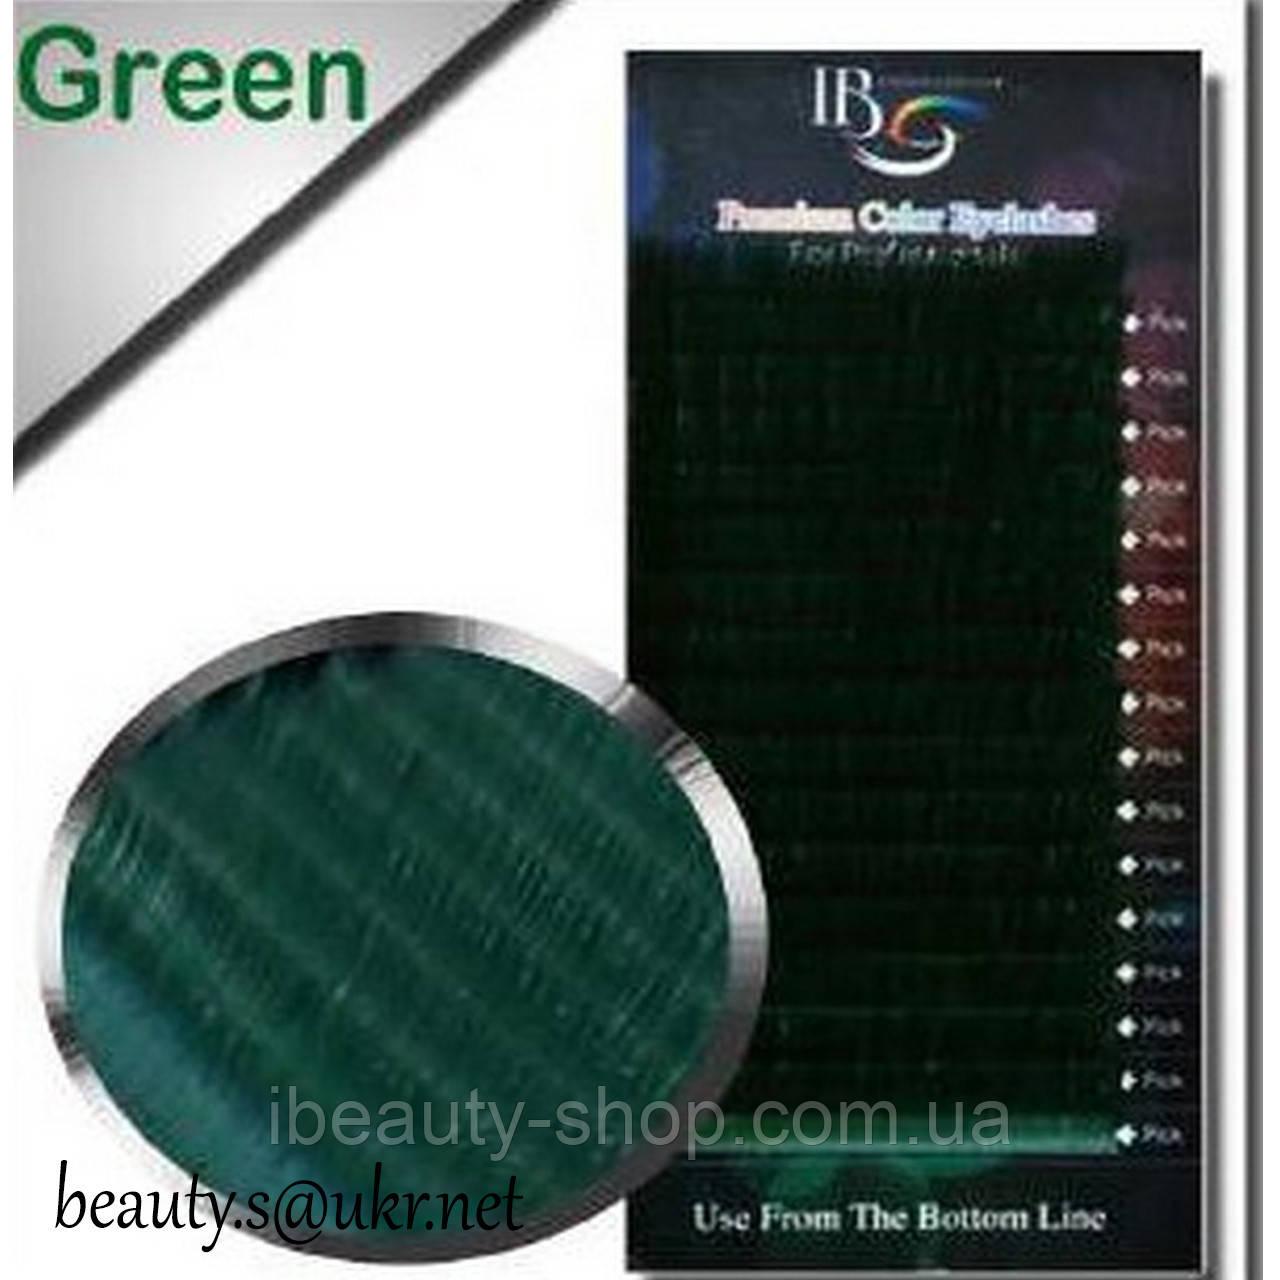 Ресницы I-Beauty(20 лент),зеленые,микс С-0,10 8-14мм